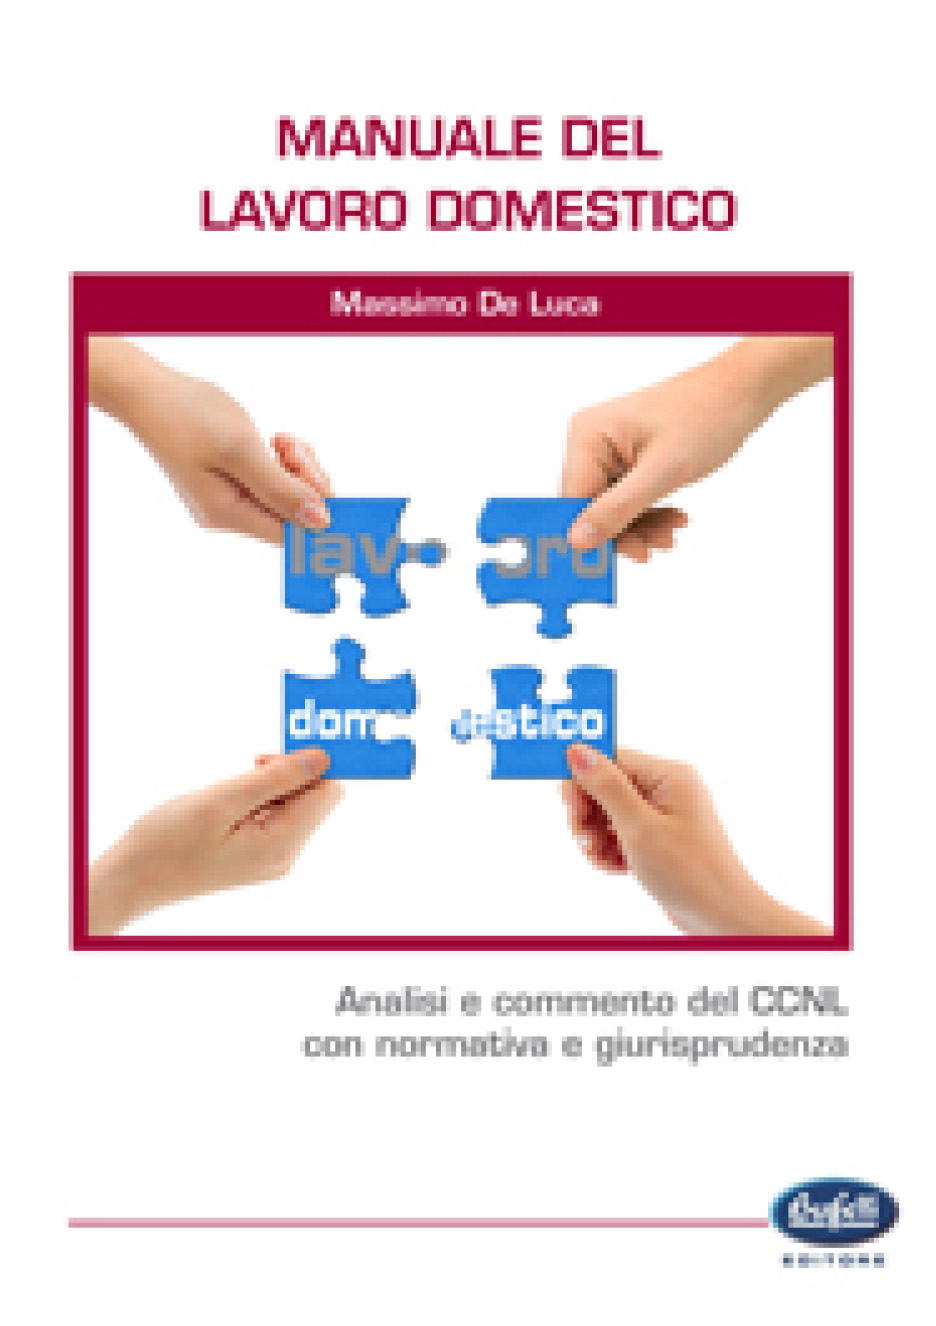 Manuale del lavoro domestico - De Luca